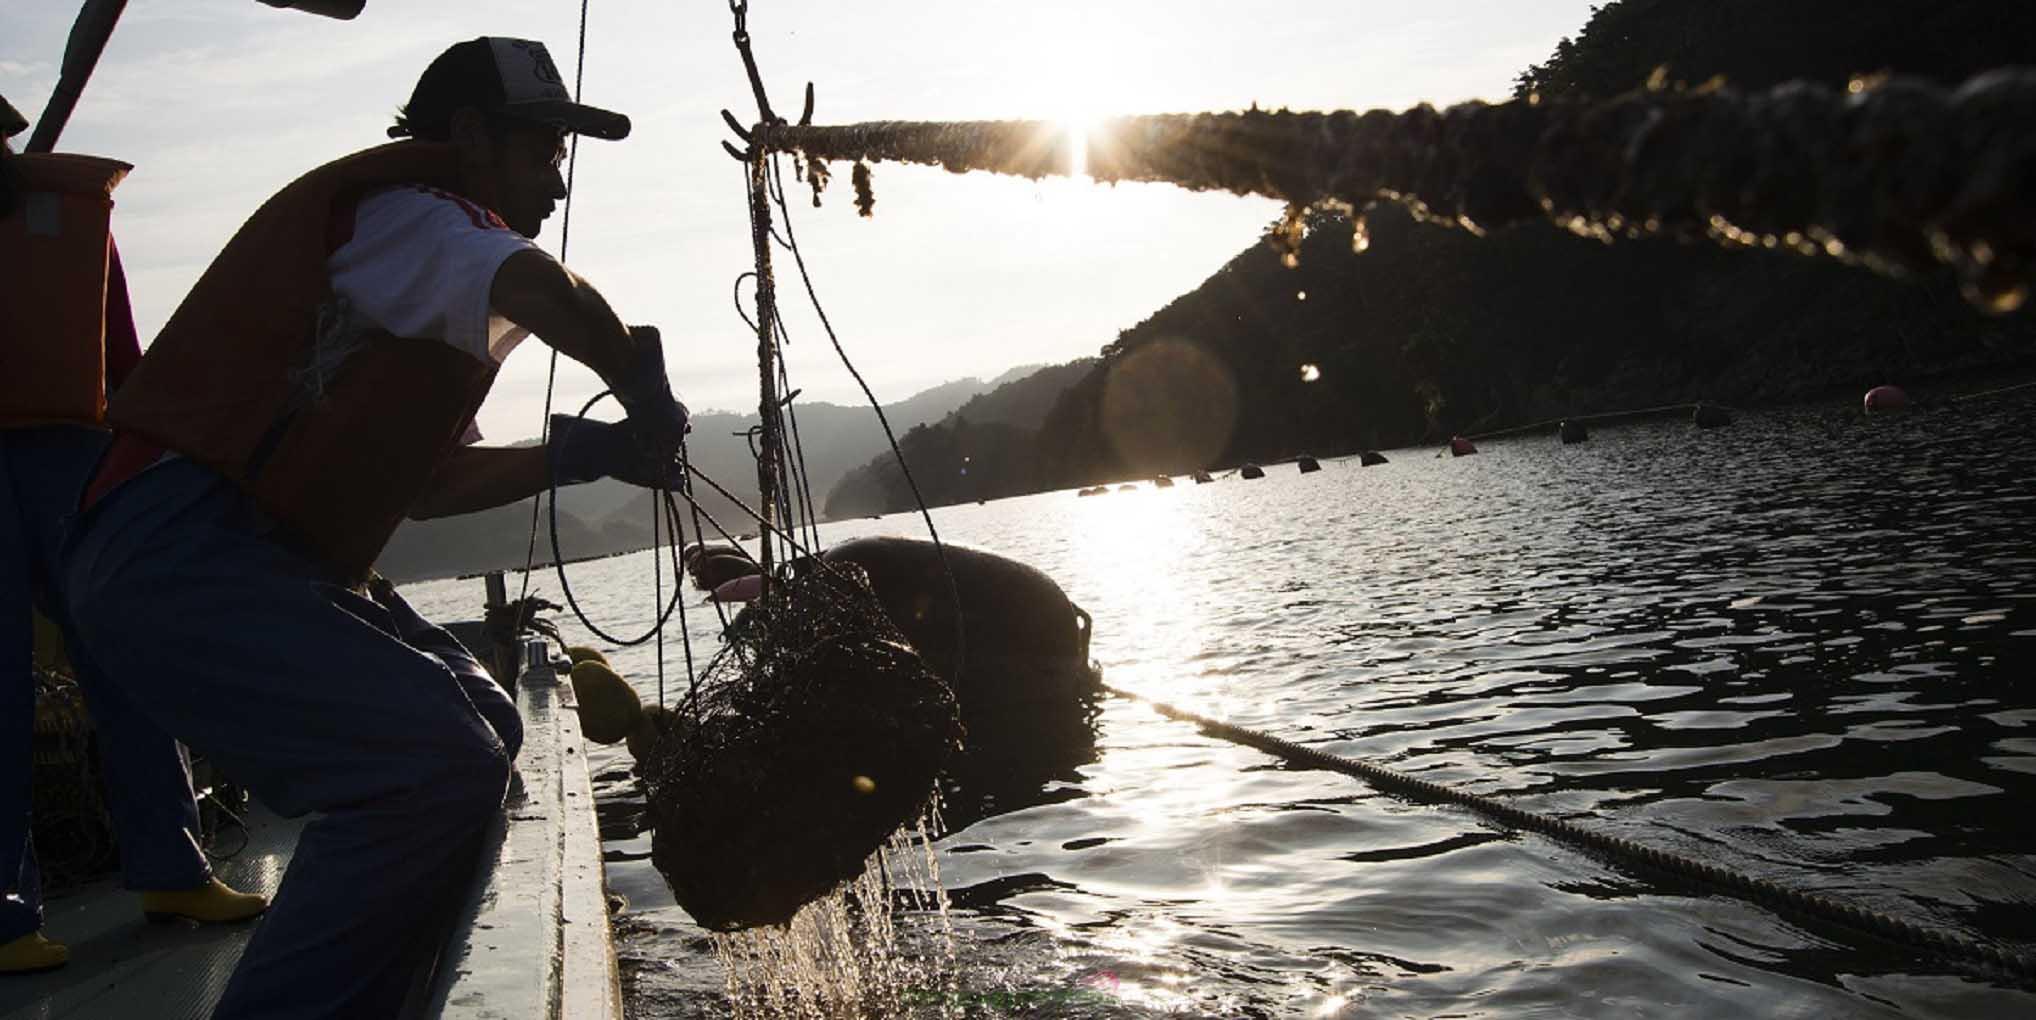 Hàu Miyagi được nuôi trồng bằng trên những sợi dây dài ở vùng biển Sanriku